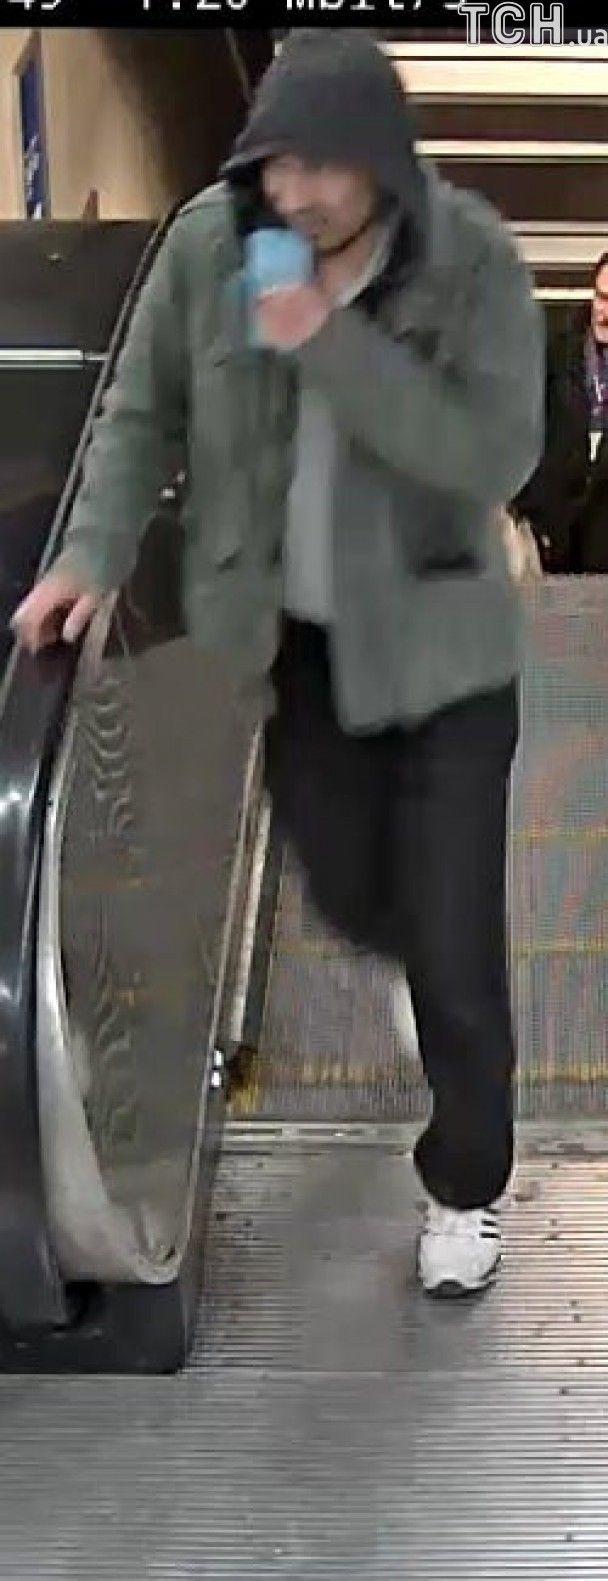 Поліція Стокгольму показала фото ймовірного терориста, який на вантажівці в'їхав у людей